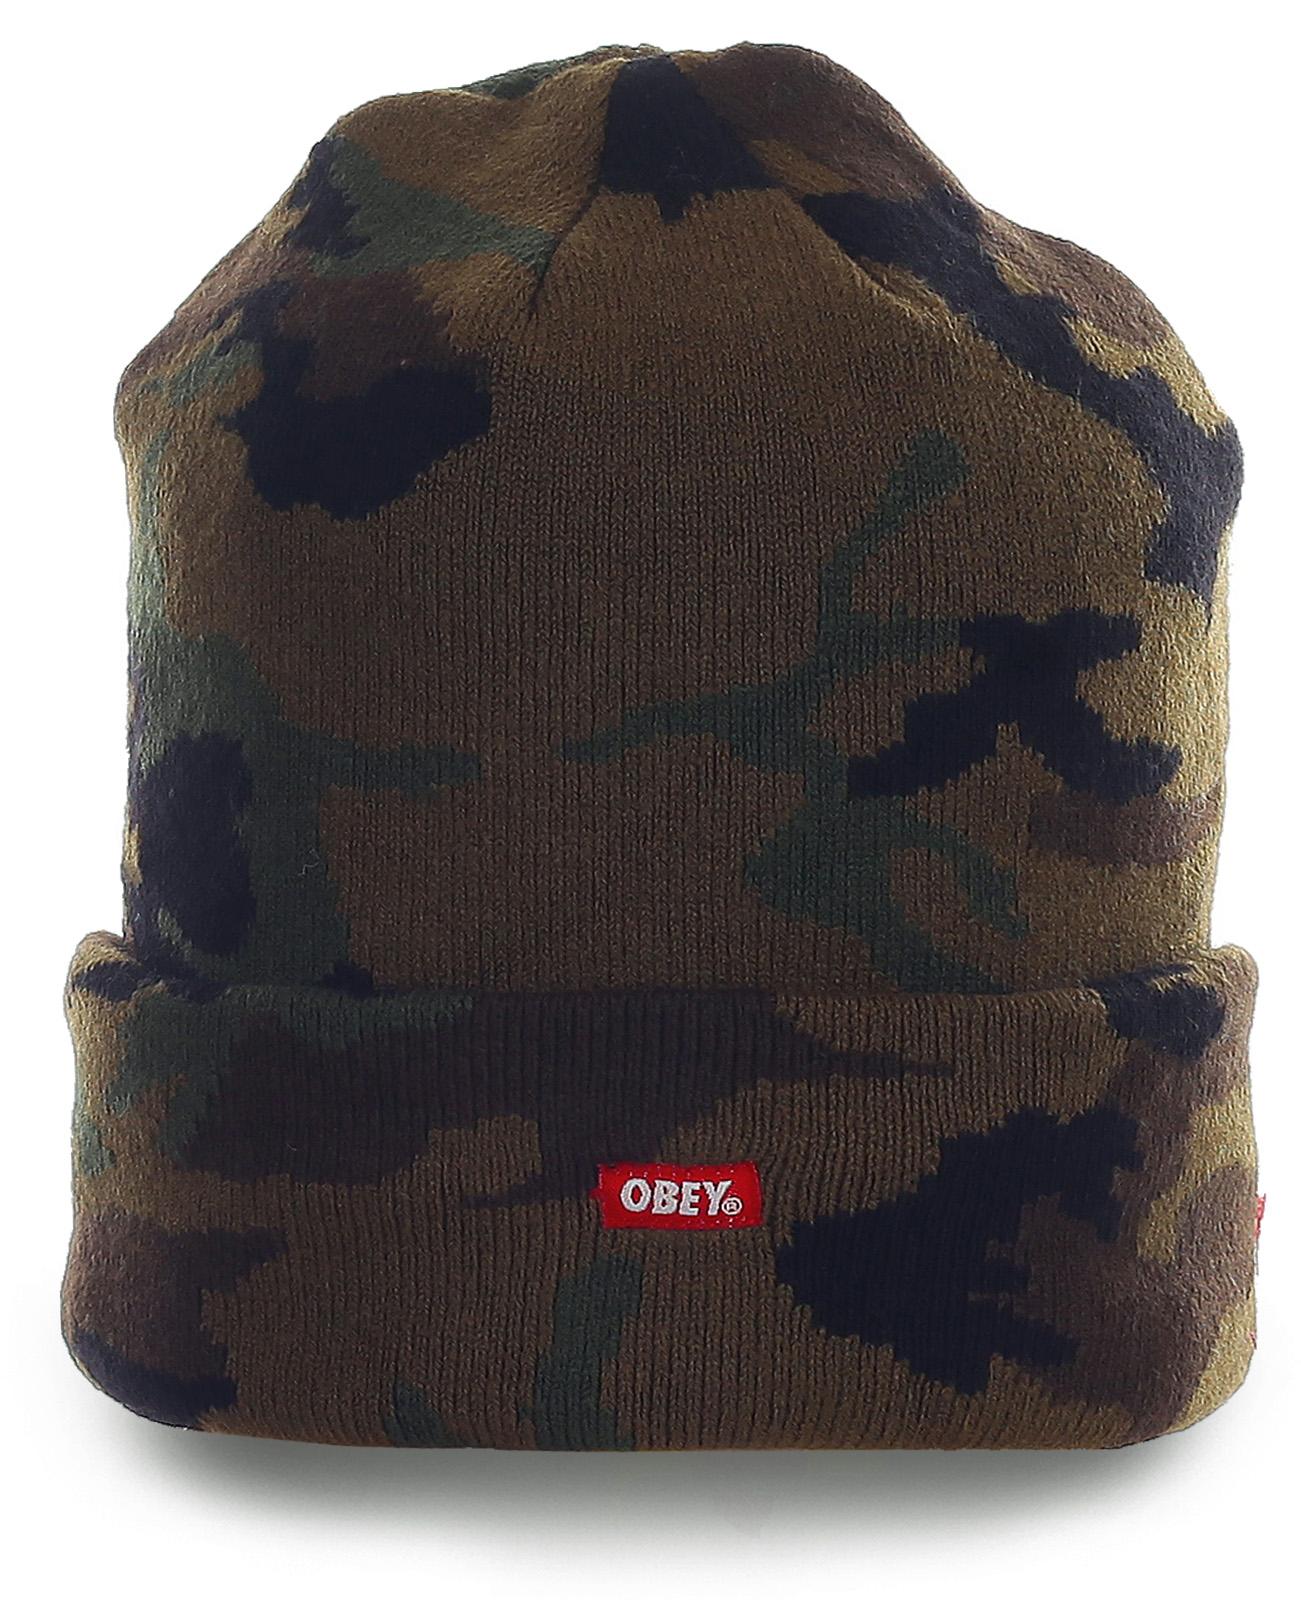 Брутальная шапка Obey в цвете камуфляж. Практичная модель для настоящих мужчин